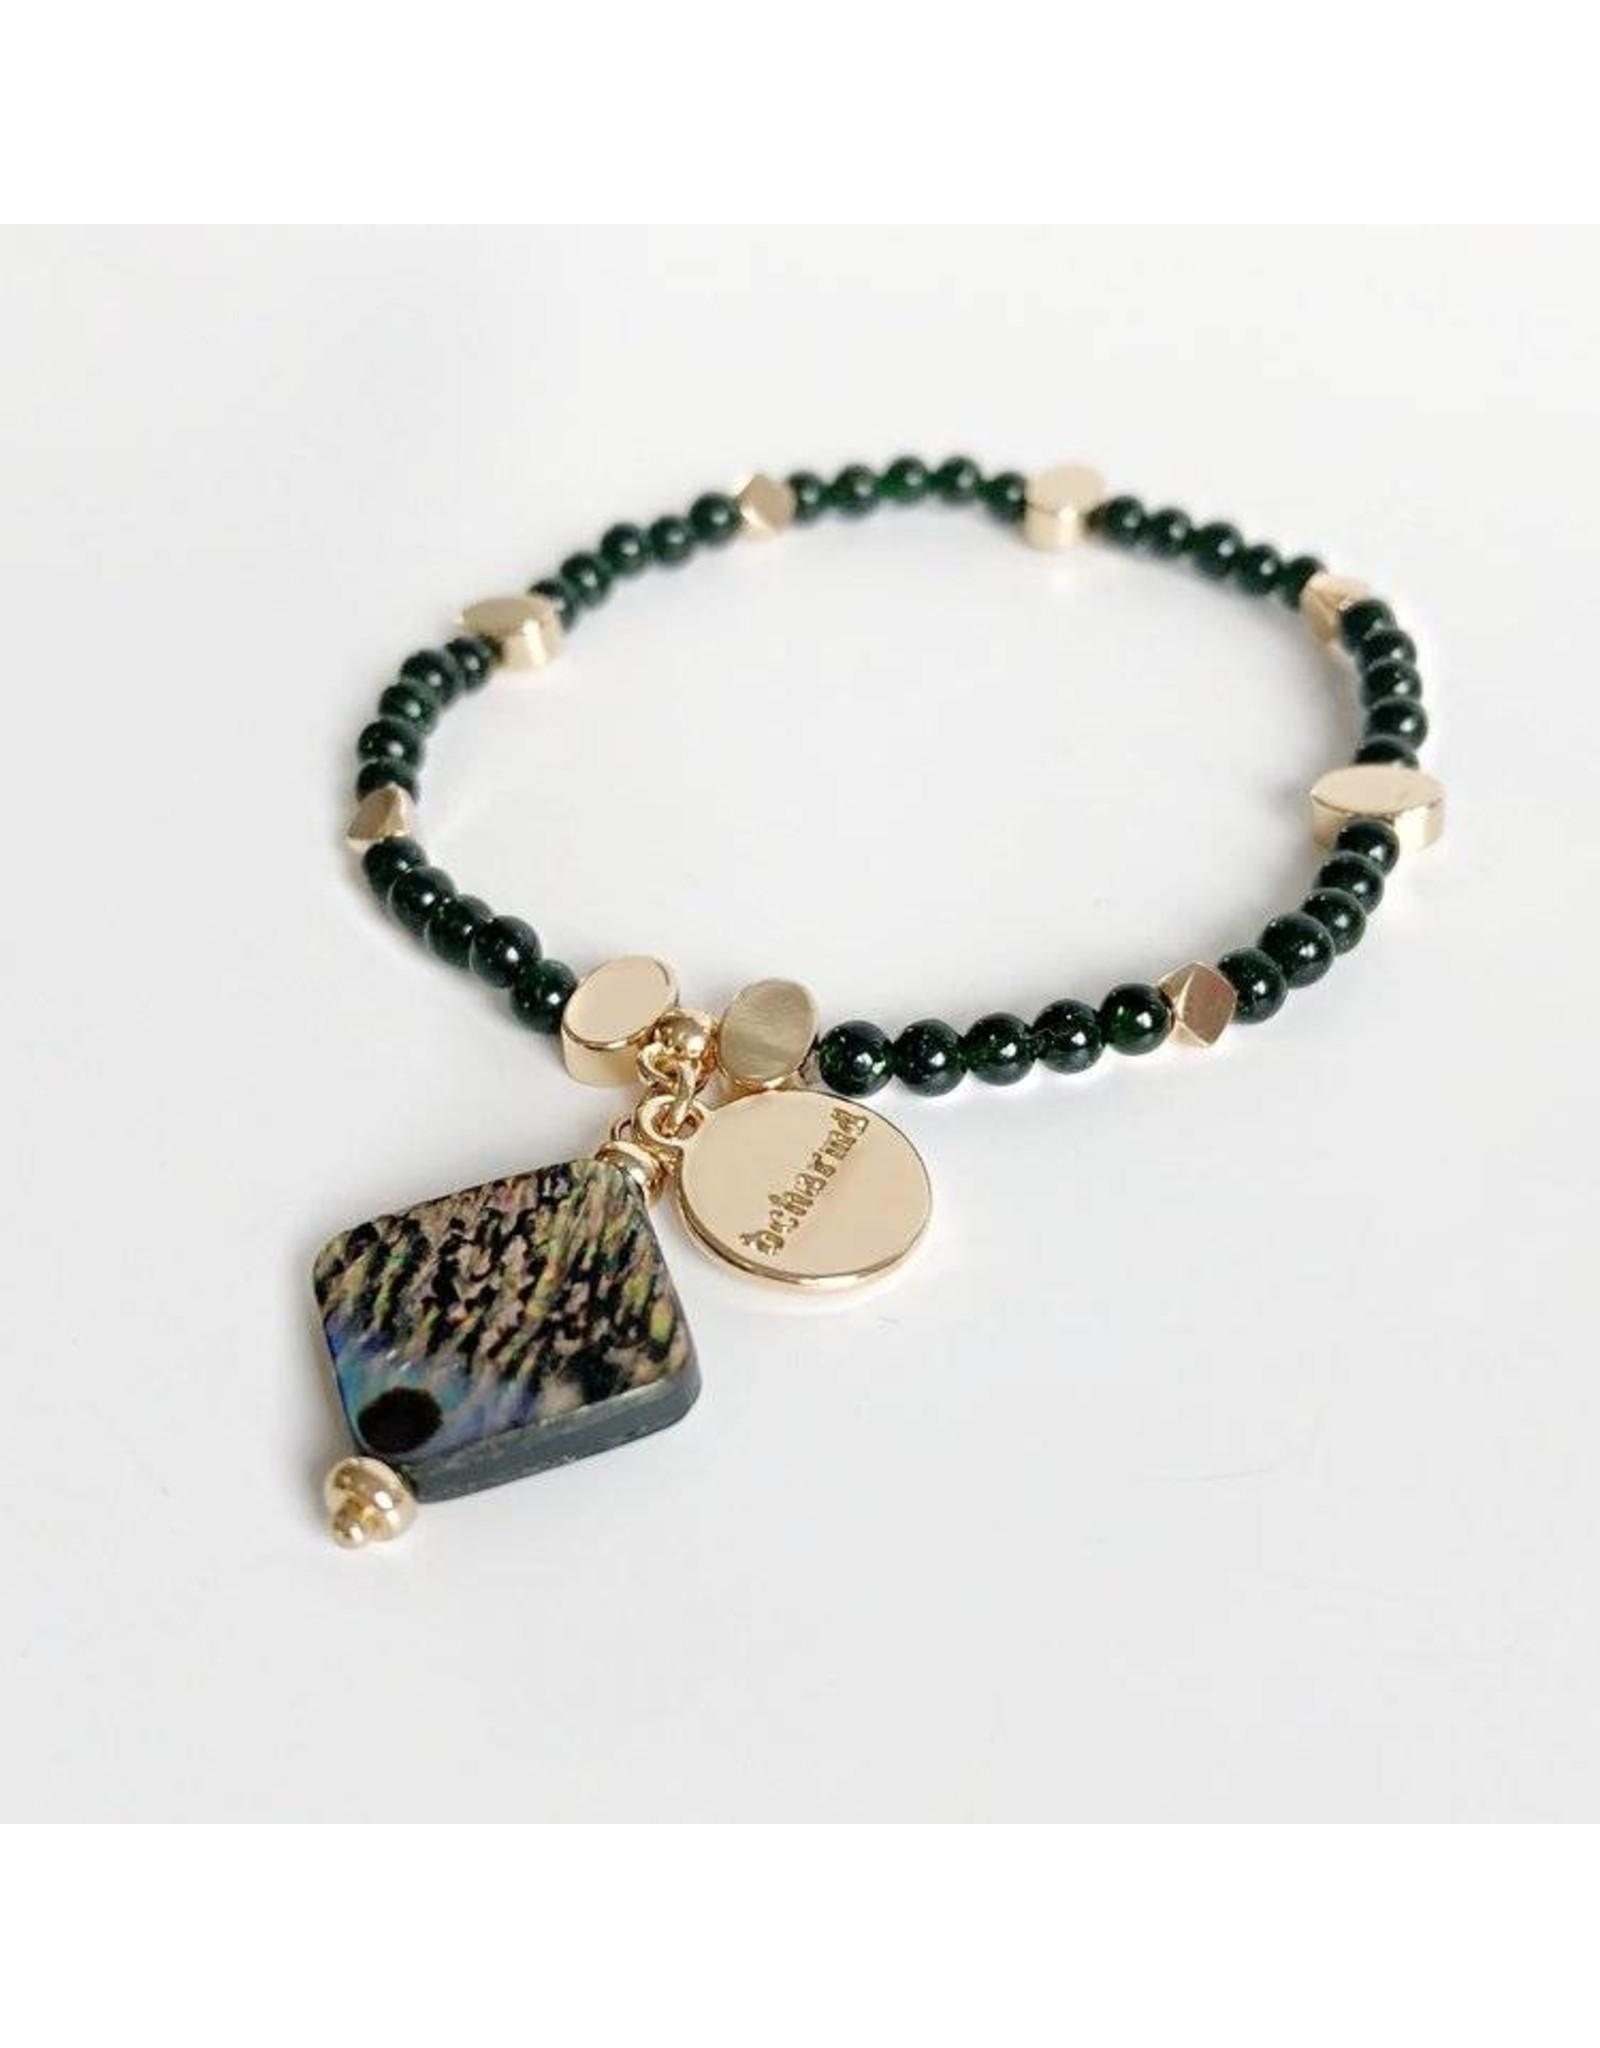 Bcharmd Adrienne Green Sandstone Abalone Seashell Bracelet Gold